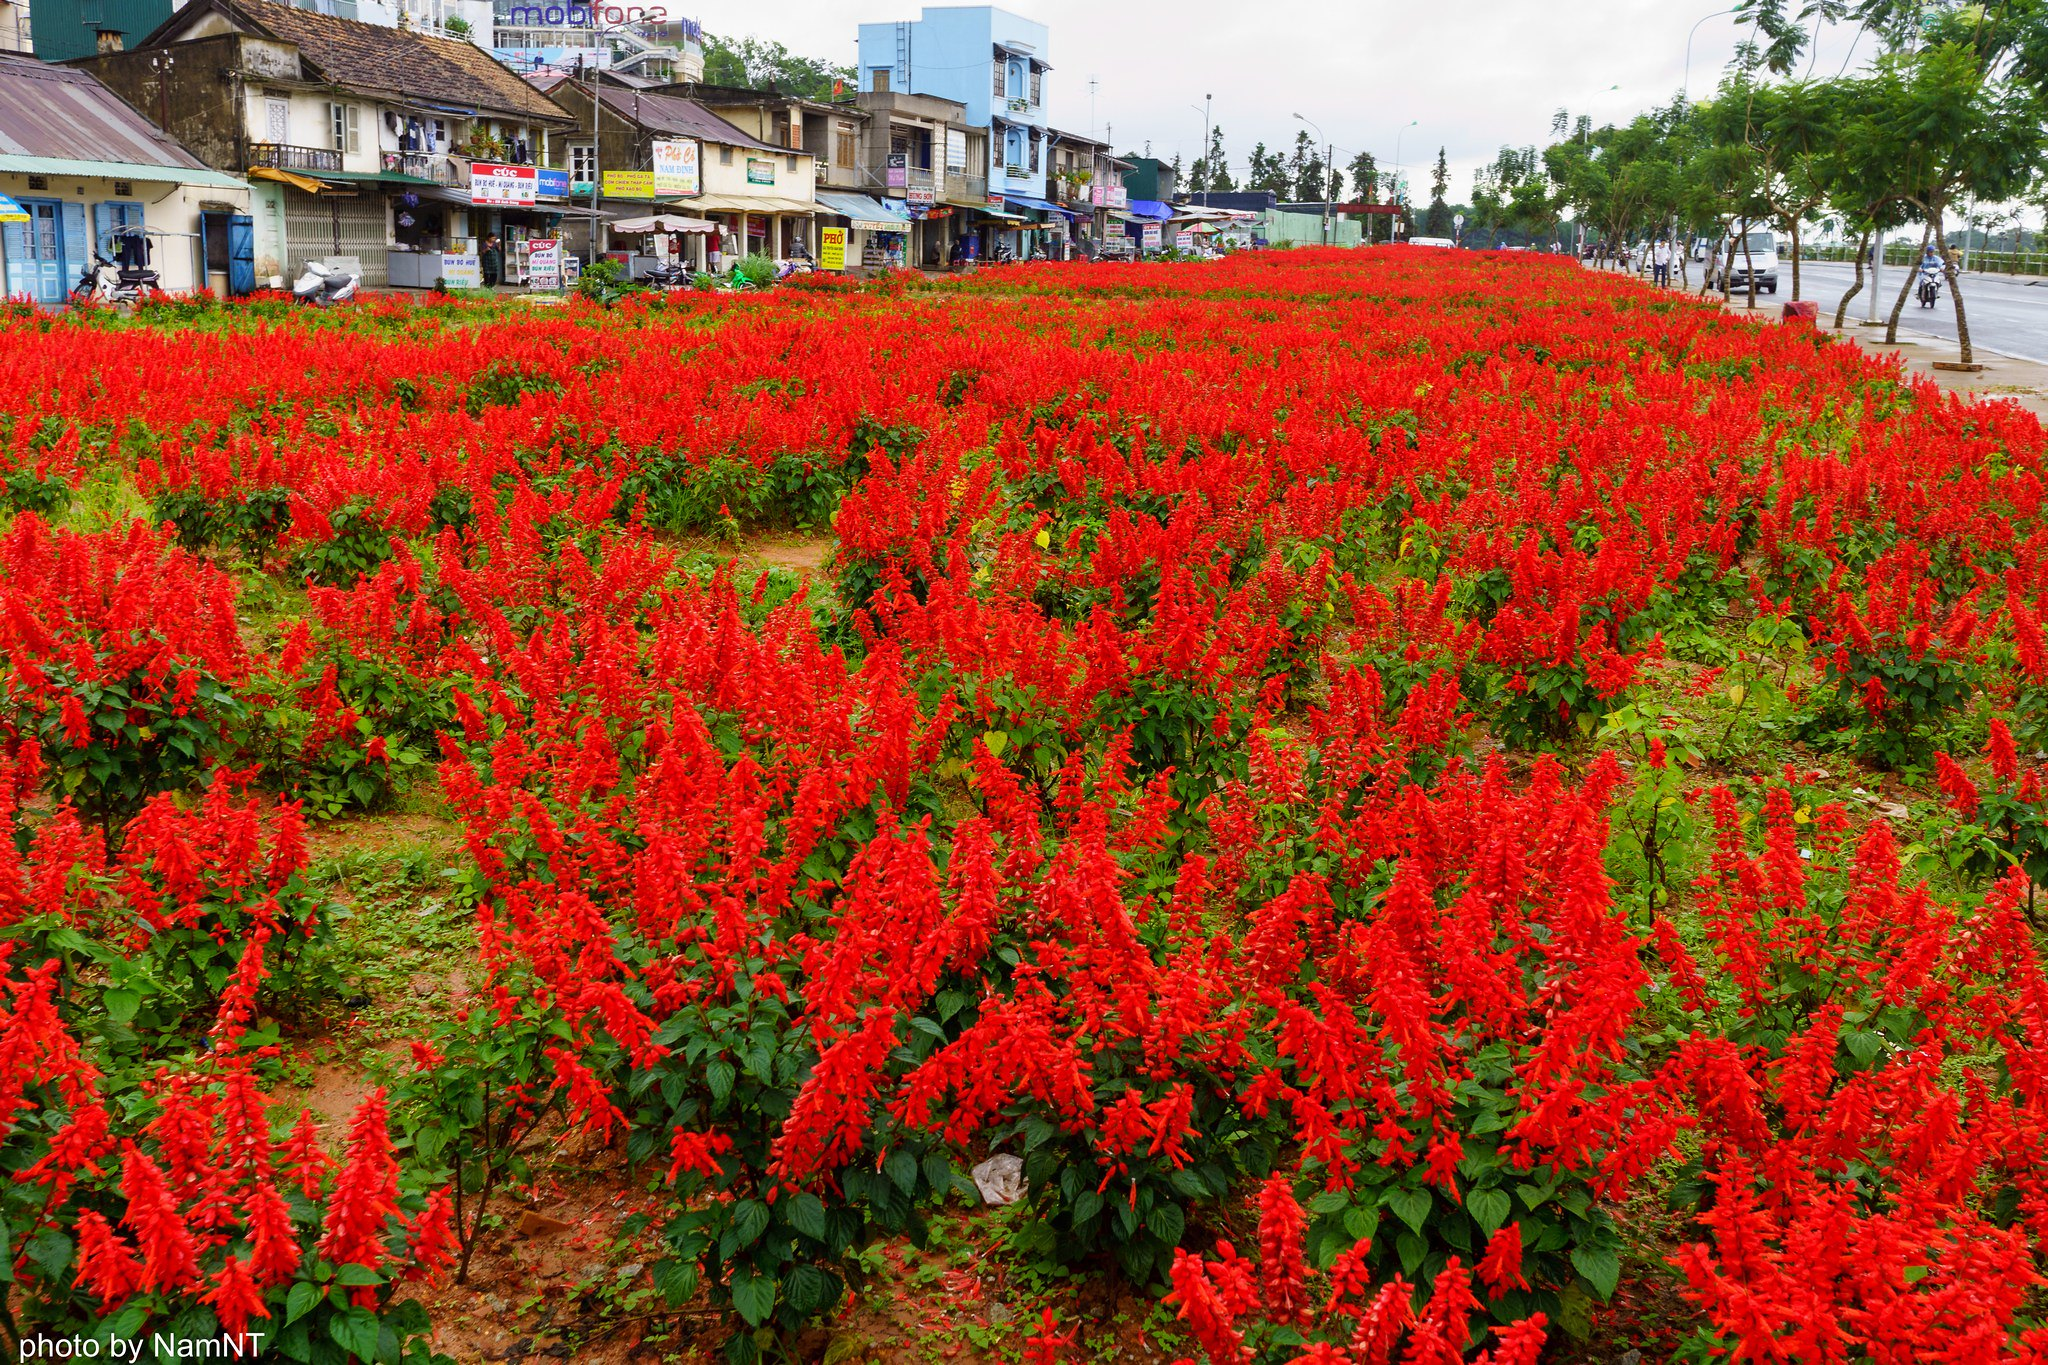 19359260048 20614599f7 k - [Phượt] - SG-Cổ Thạch- Nha Trang- Đà Lạt: ngàn dặm mua hạt é cho người thương